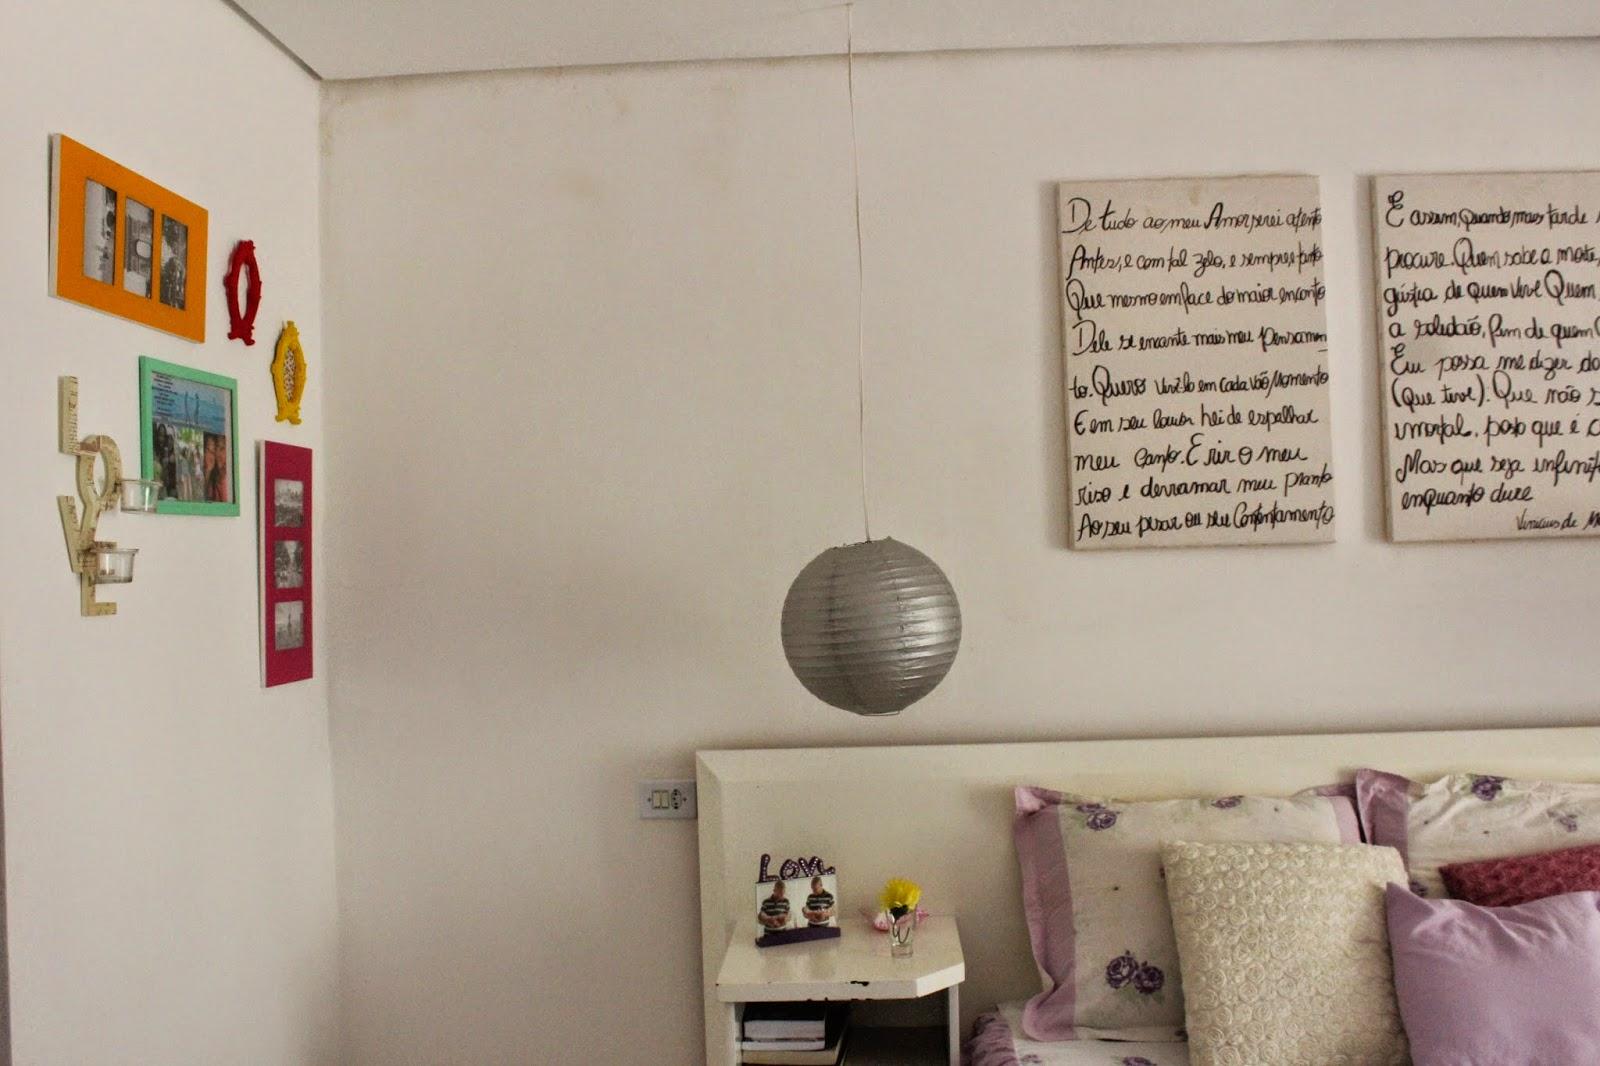 Quarto de casal, quarto Romântico, faça você mesmo decoração do quarto, quarto em tons pasteis. decoração quarto de casal